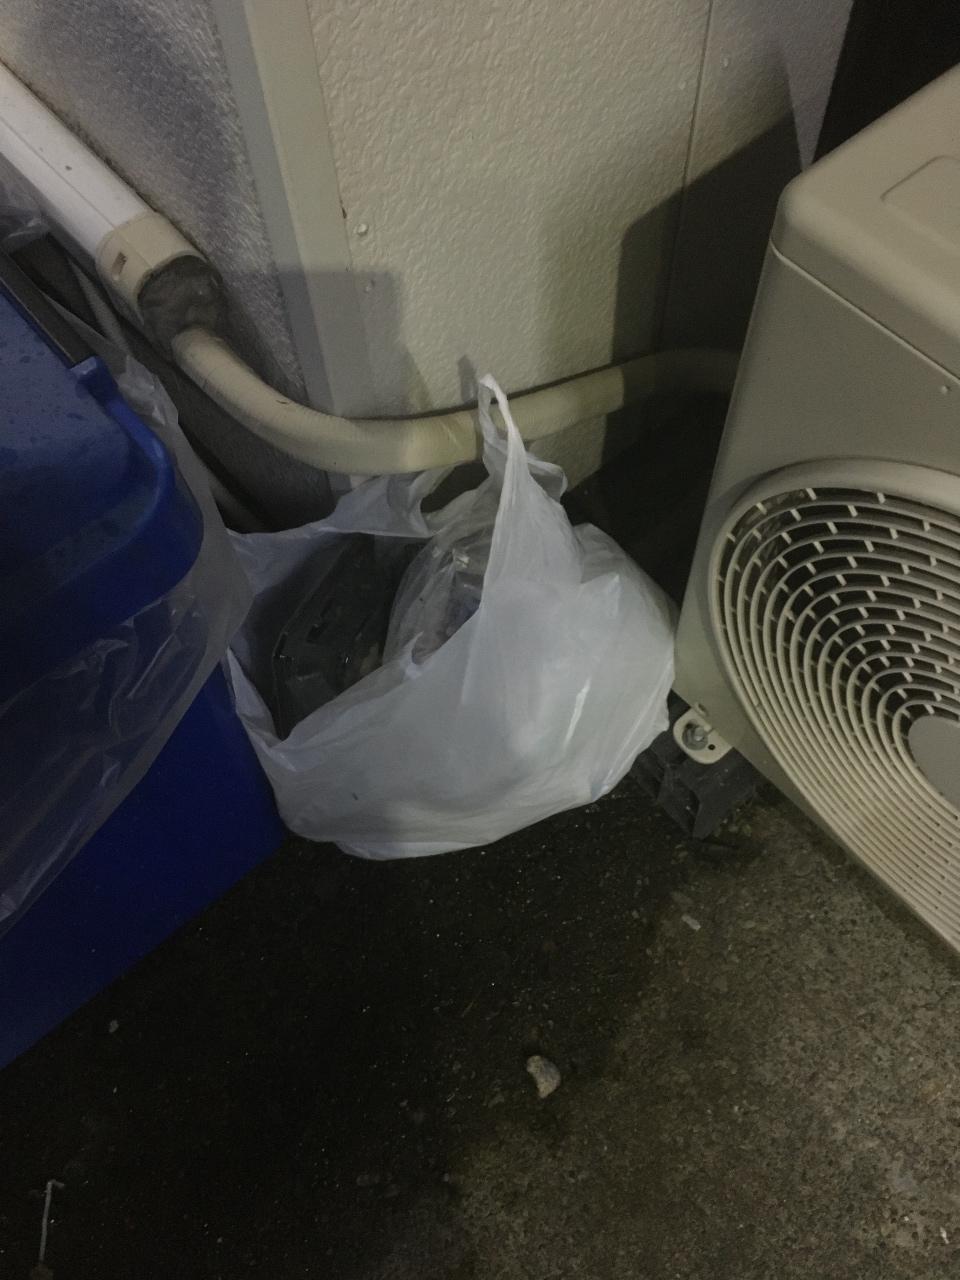 ゴミ問題、ゴミ箱を仕分けて用意していますのでご協力を!!